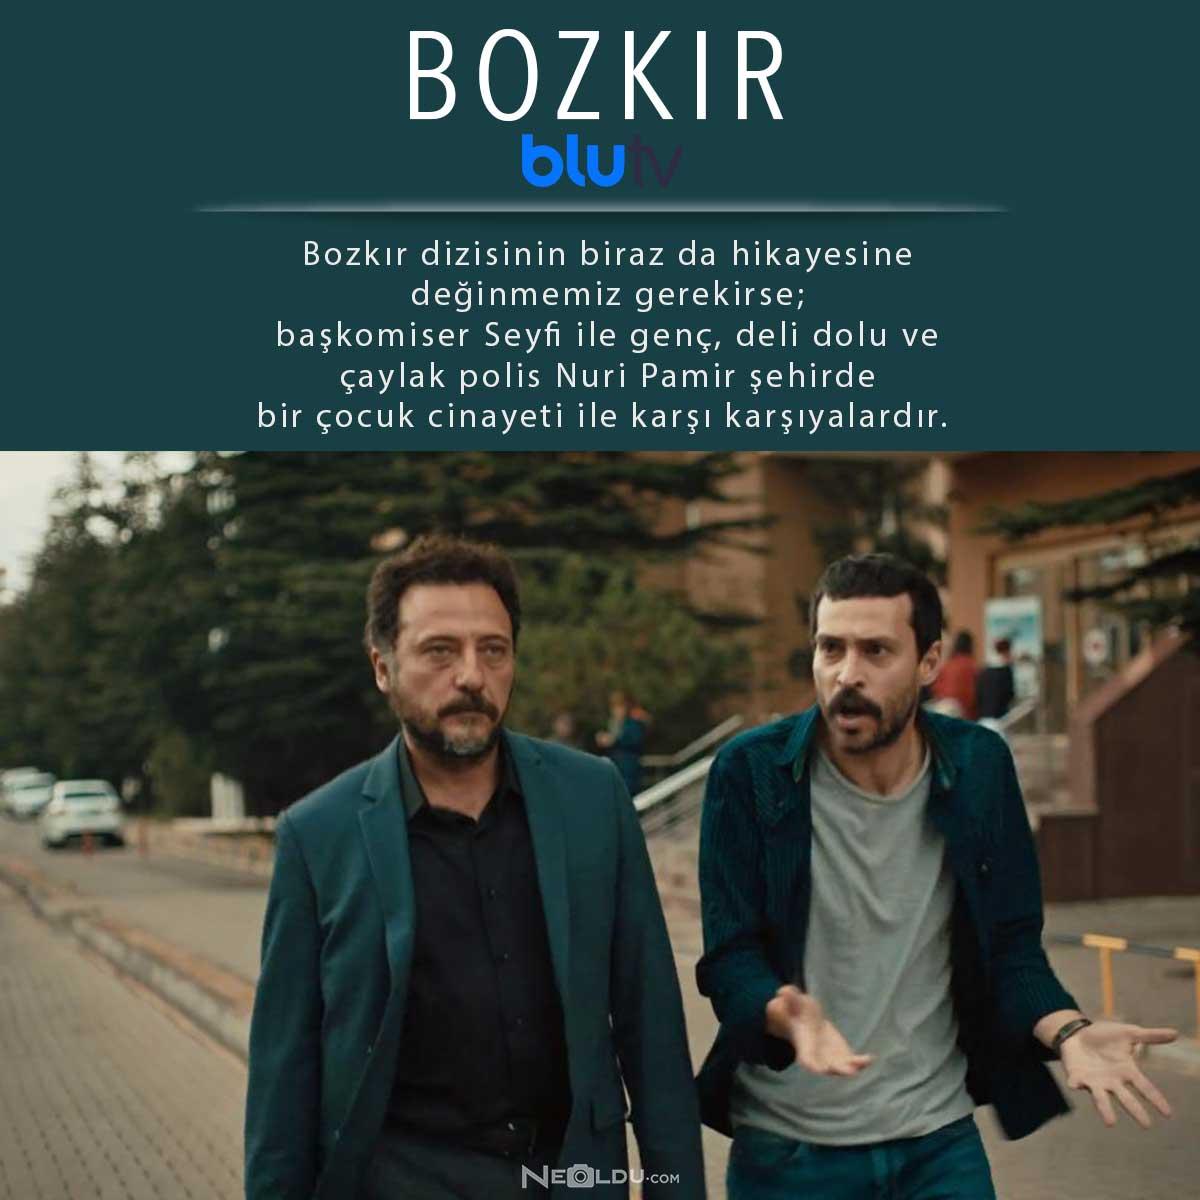 bozkir-dizisi-.jpg